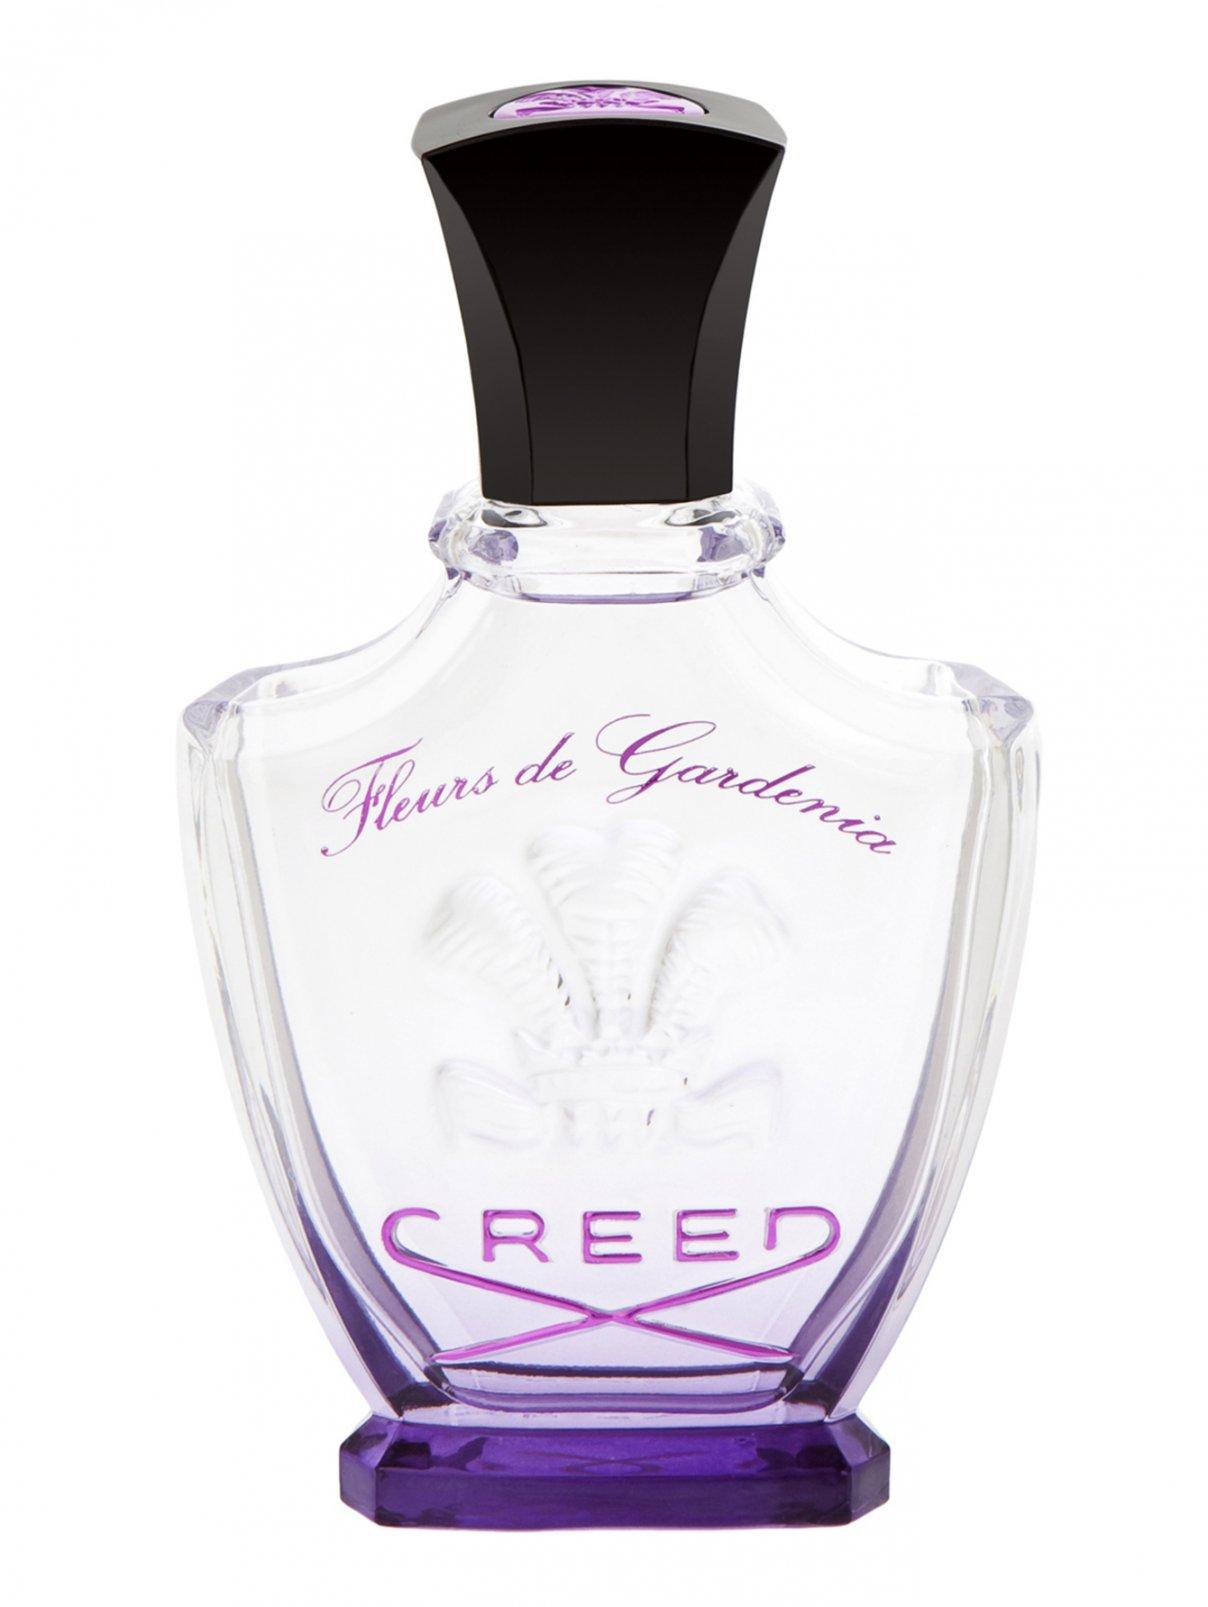 Парфюмерная вода 75 мл Fleurs de Gardenia Creed  –  Общий вид